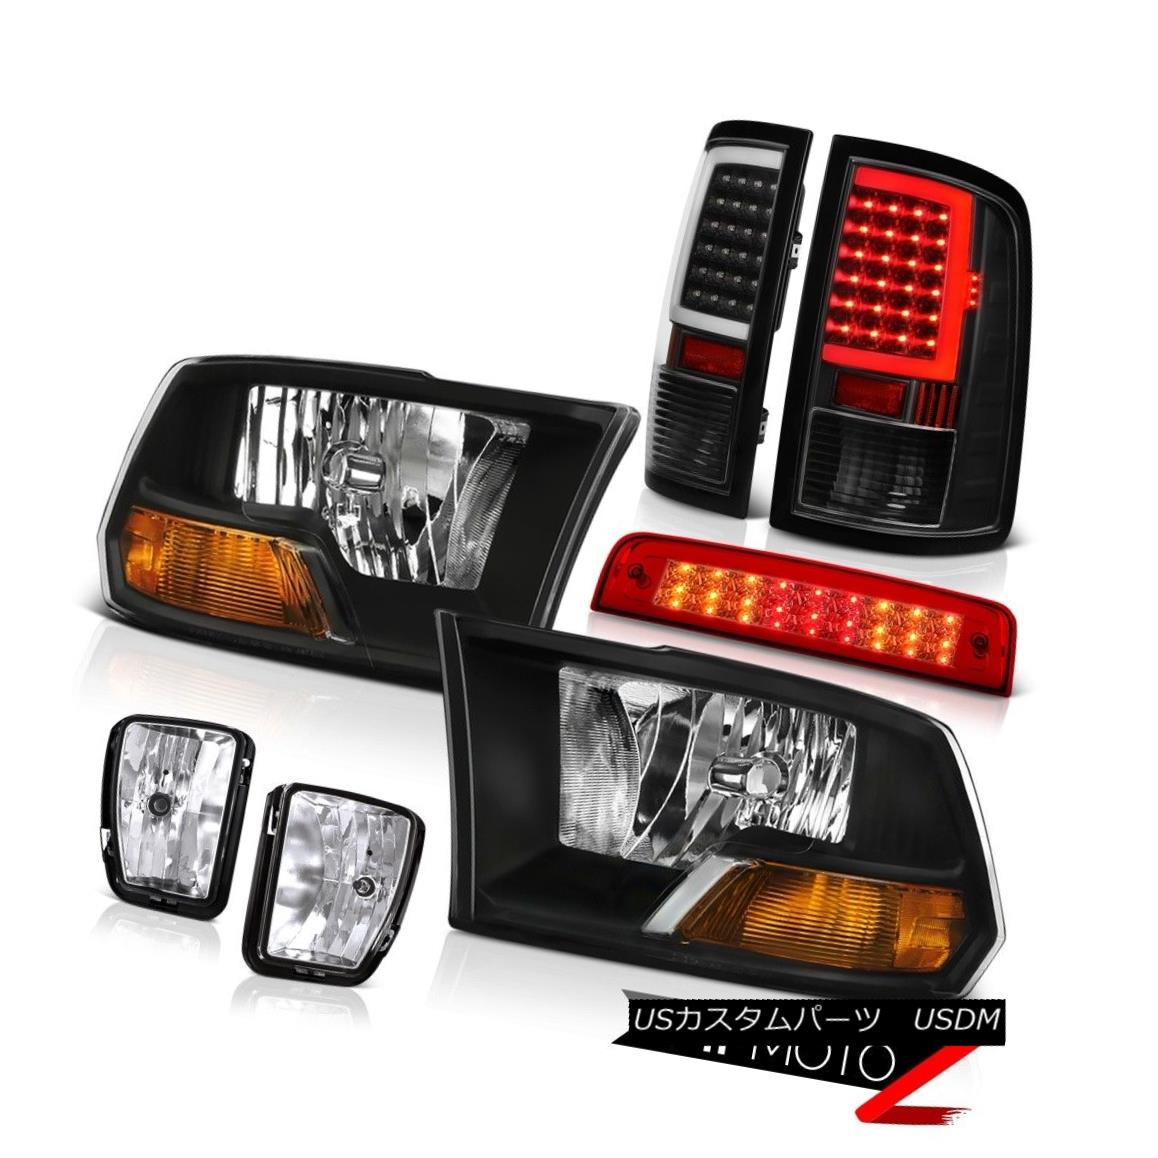 テールライト 13 14 15 16-18 Dodge RAM 1500 Tail lamp Brake Fog Factory Style Headlights PAIR 13 14 15 16-18ダッジRAM 1500テールランプブレーキフォグ工場スタイルヘッドライトペア